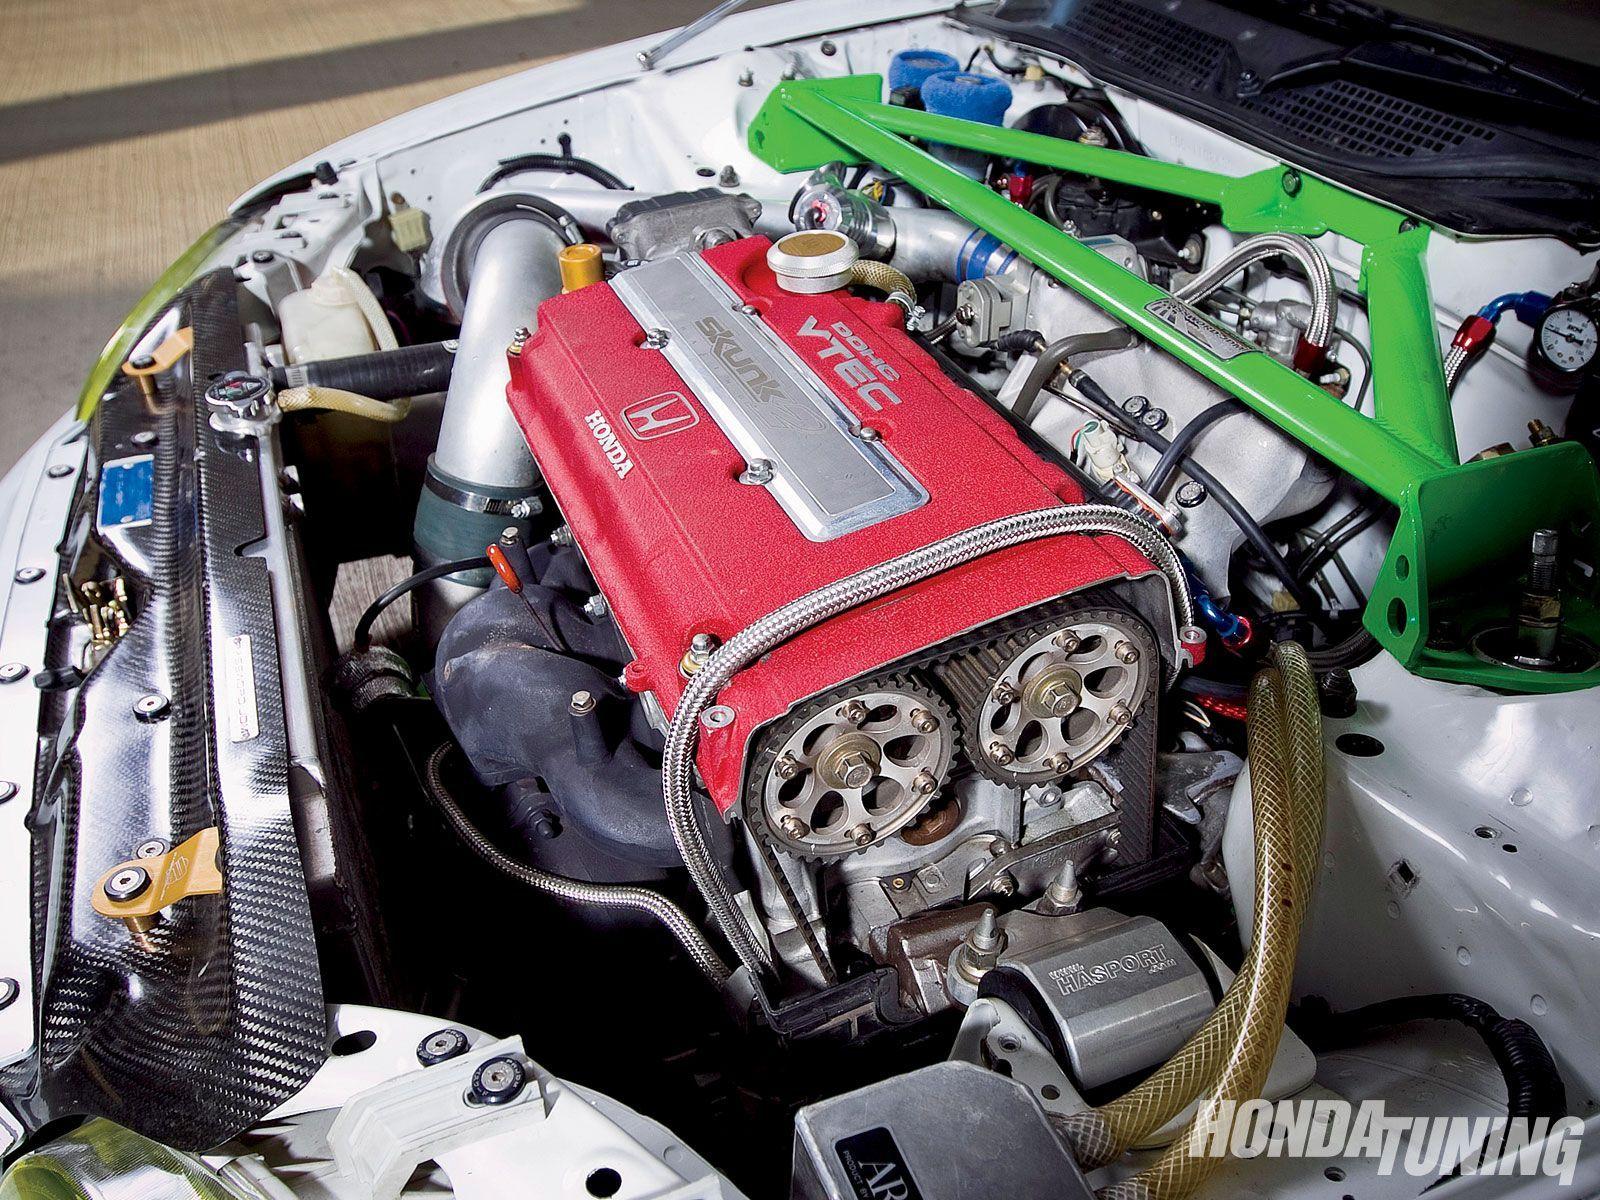 Htup 1010 06 o1993 civic sir iib16a engine 1600x1200